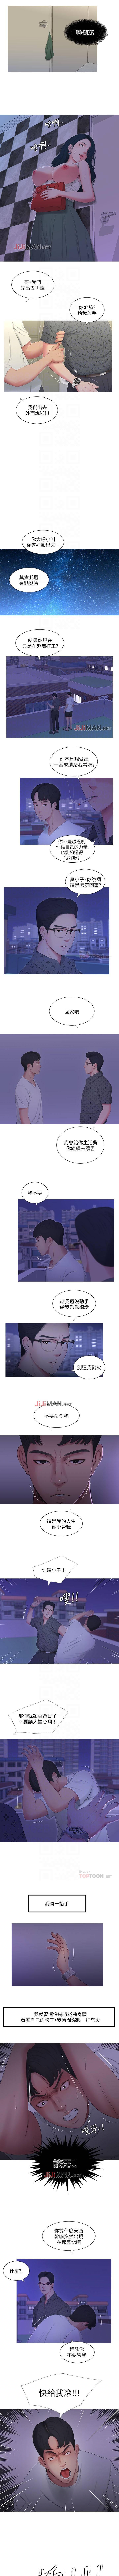 【周四连载】亲家四姐妹(作者:愛摸) 第1~31话 54